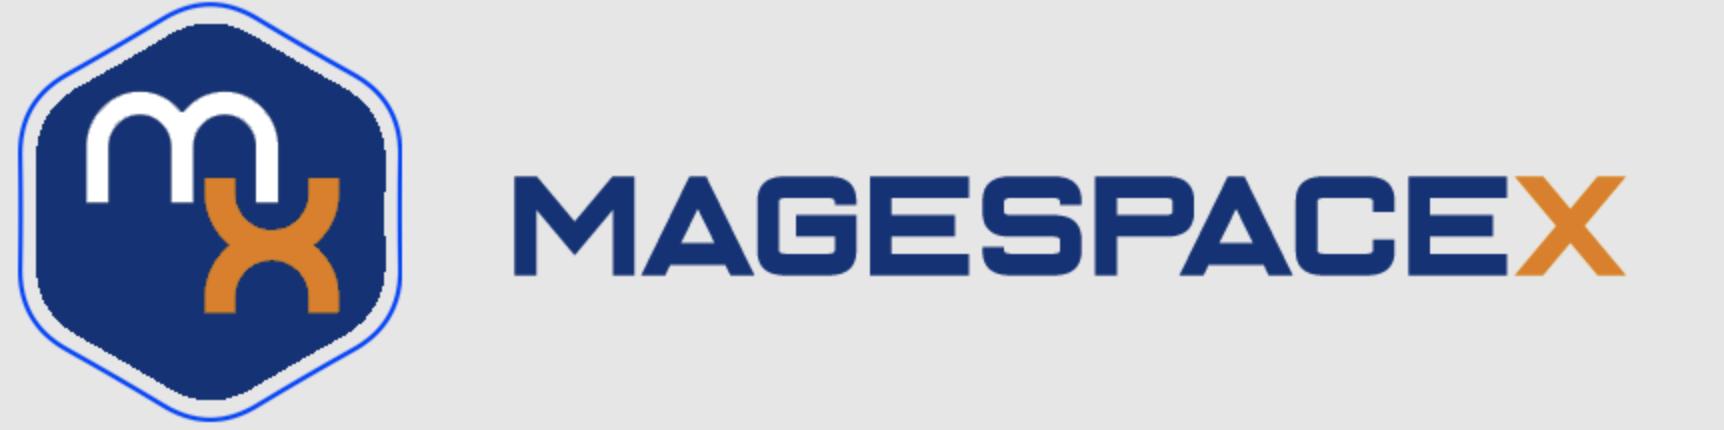 pwa consumer app - magespacex